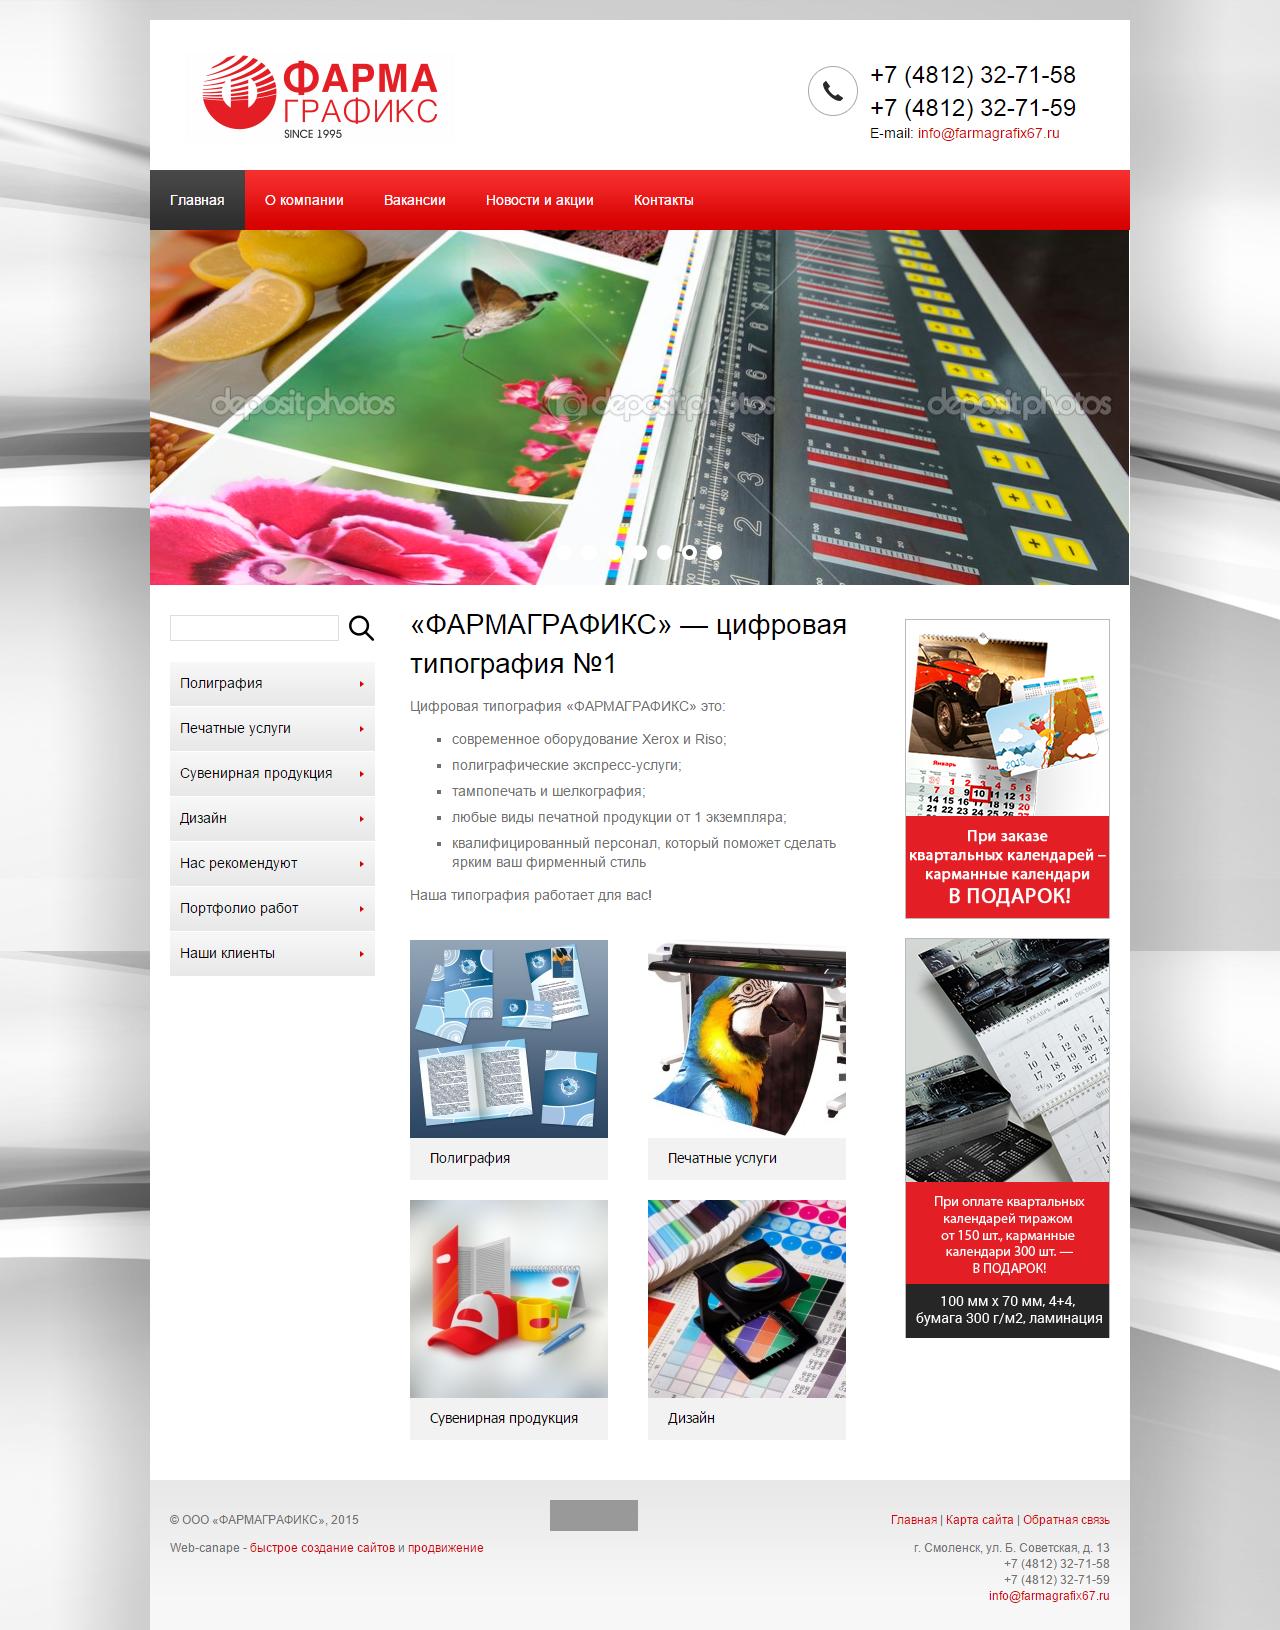 Разработка сайта по дизайн-шаблону для типографии